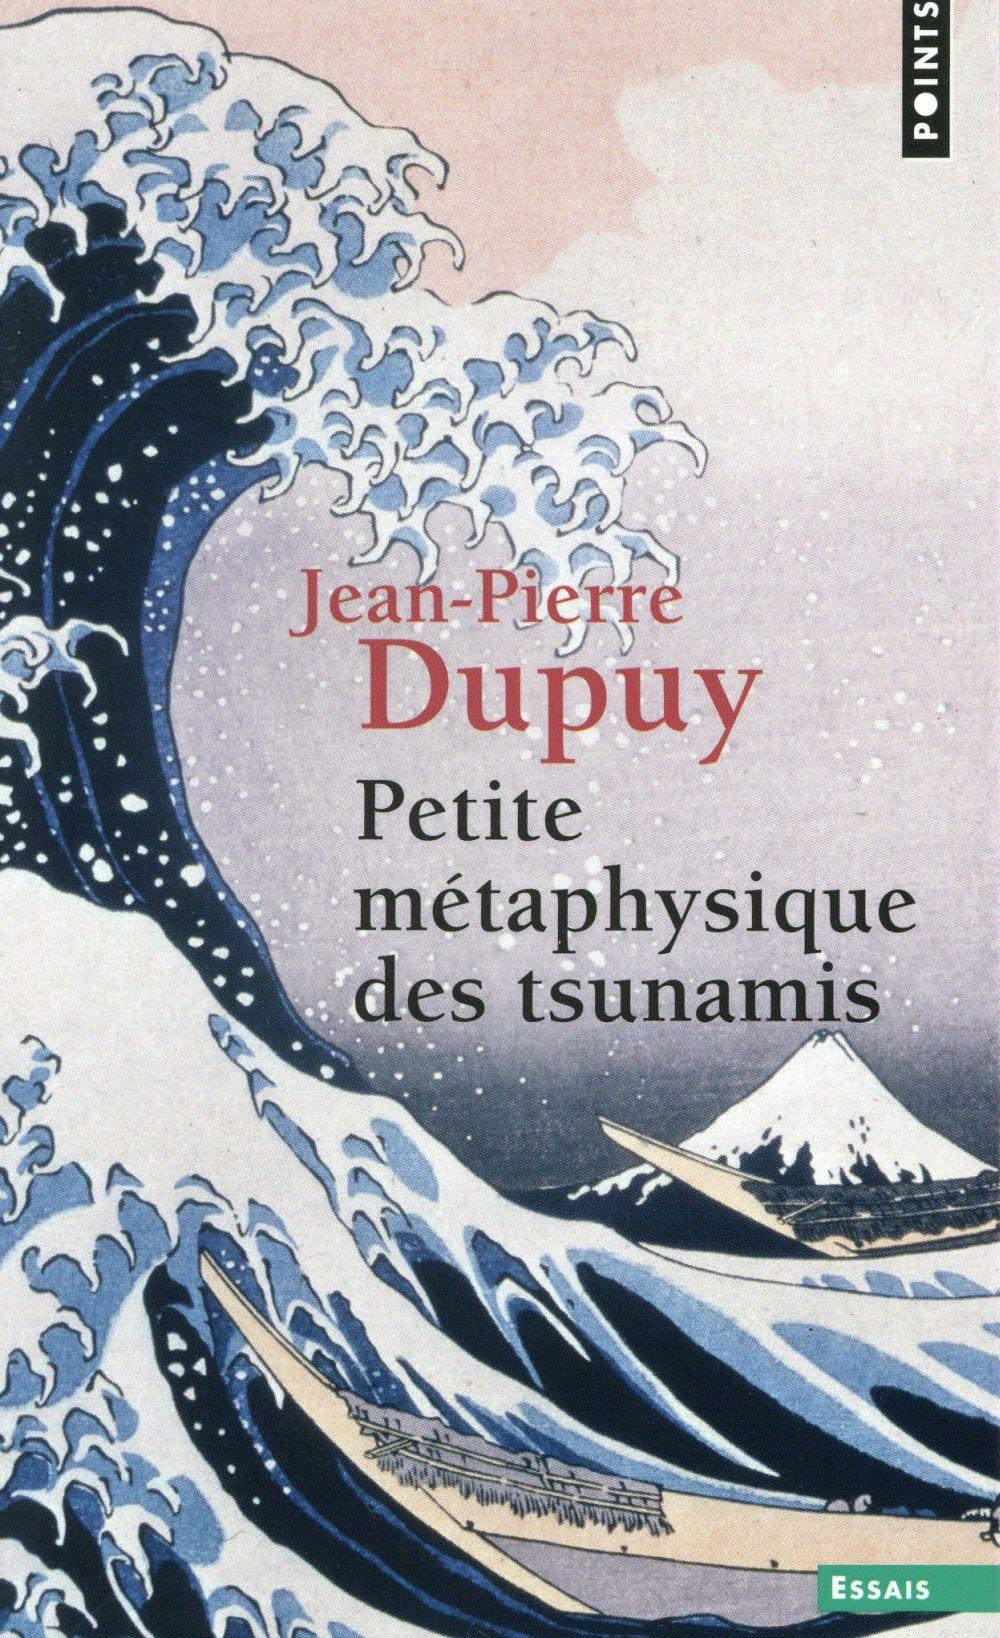 Petite métaphysique des tsunamis